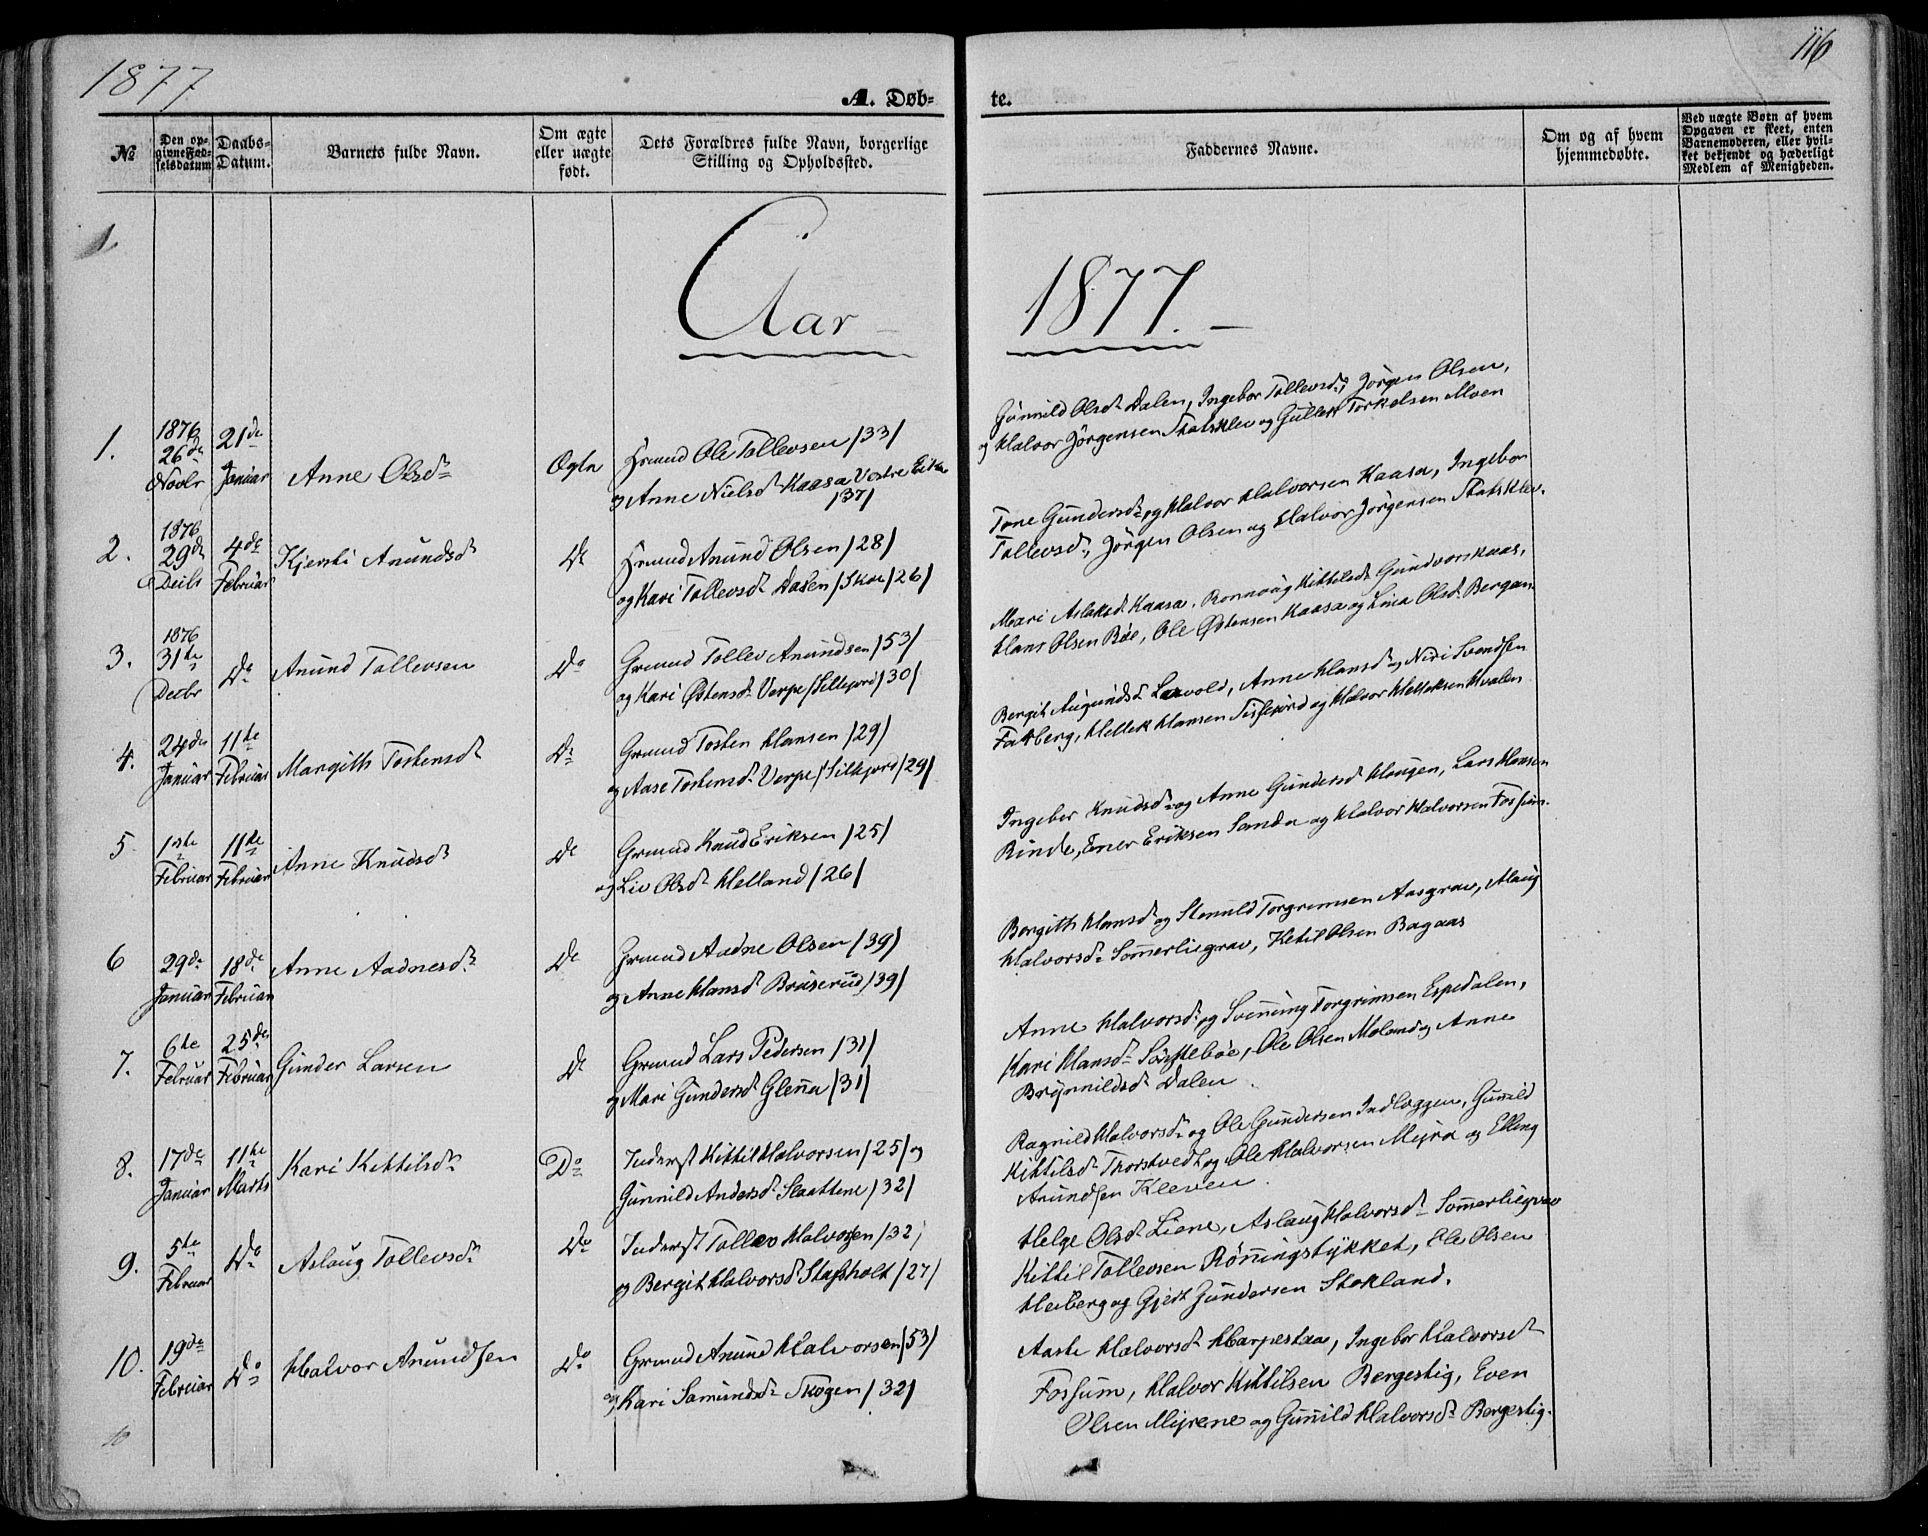 SAKO, Bø kirkebøker, F/Fa/L0009: Ministerialbok nr. 9, 1862-1879, s. 116